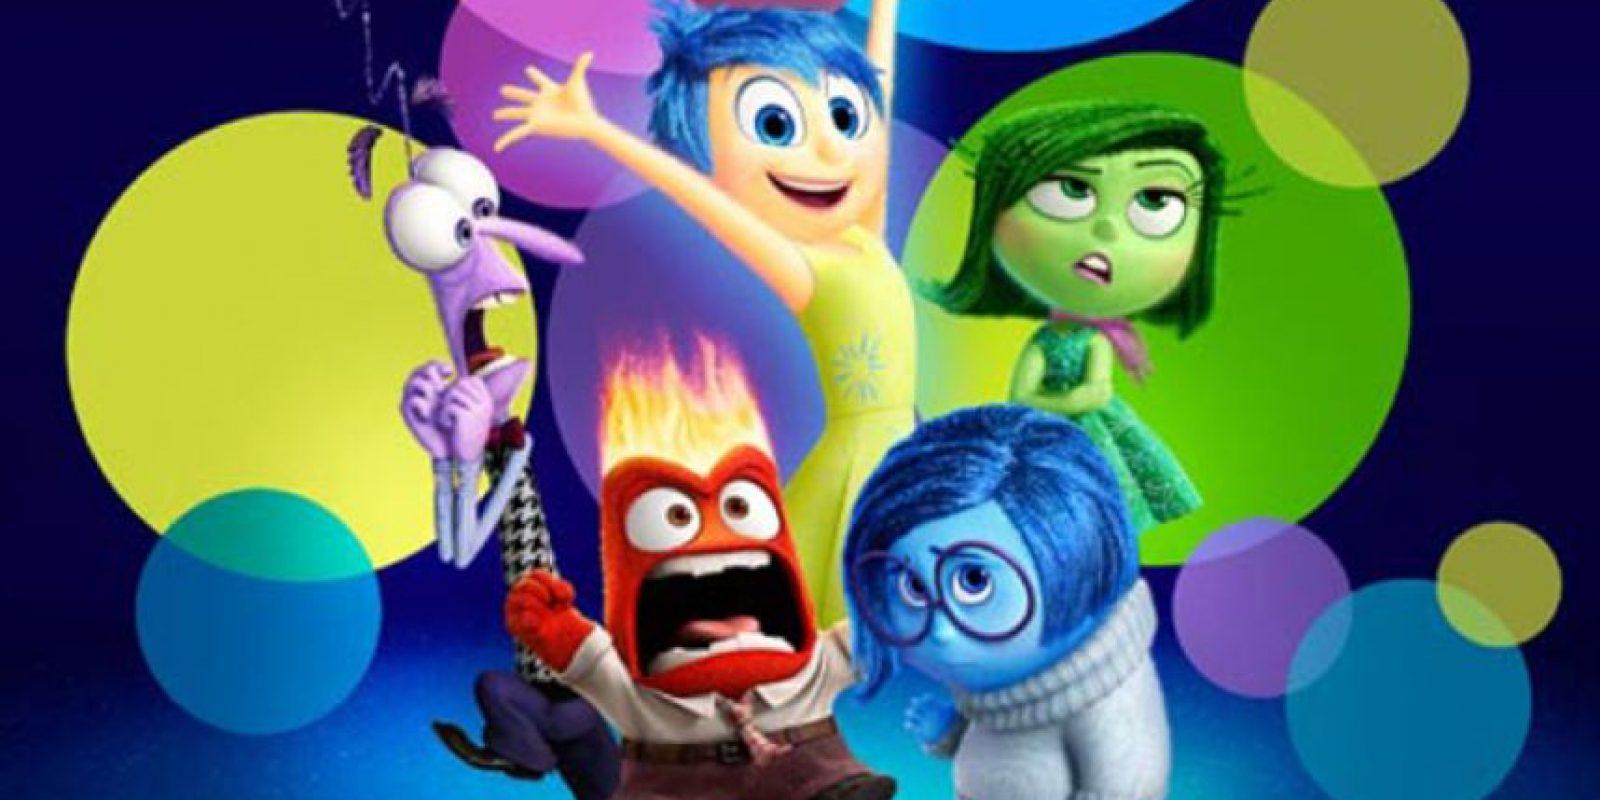 Se consideraron 27 emociones para la película, pero al final se eligieron cinco. Orgullo, Confianza, Lógica y Amor, entre otras, fueron descartadas. Foto:vía Pixar